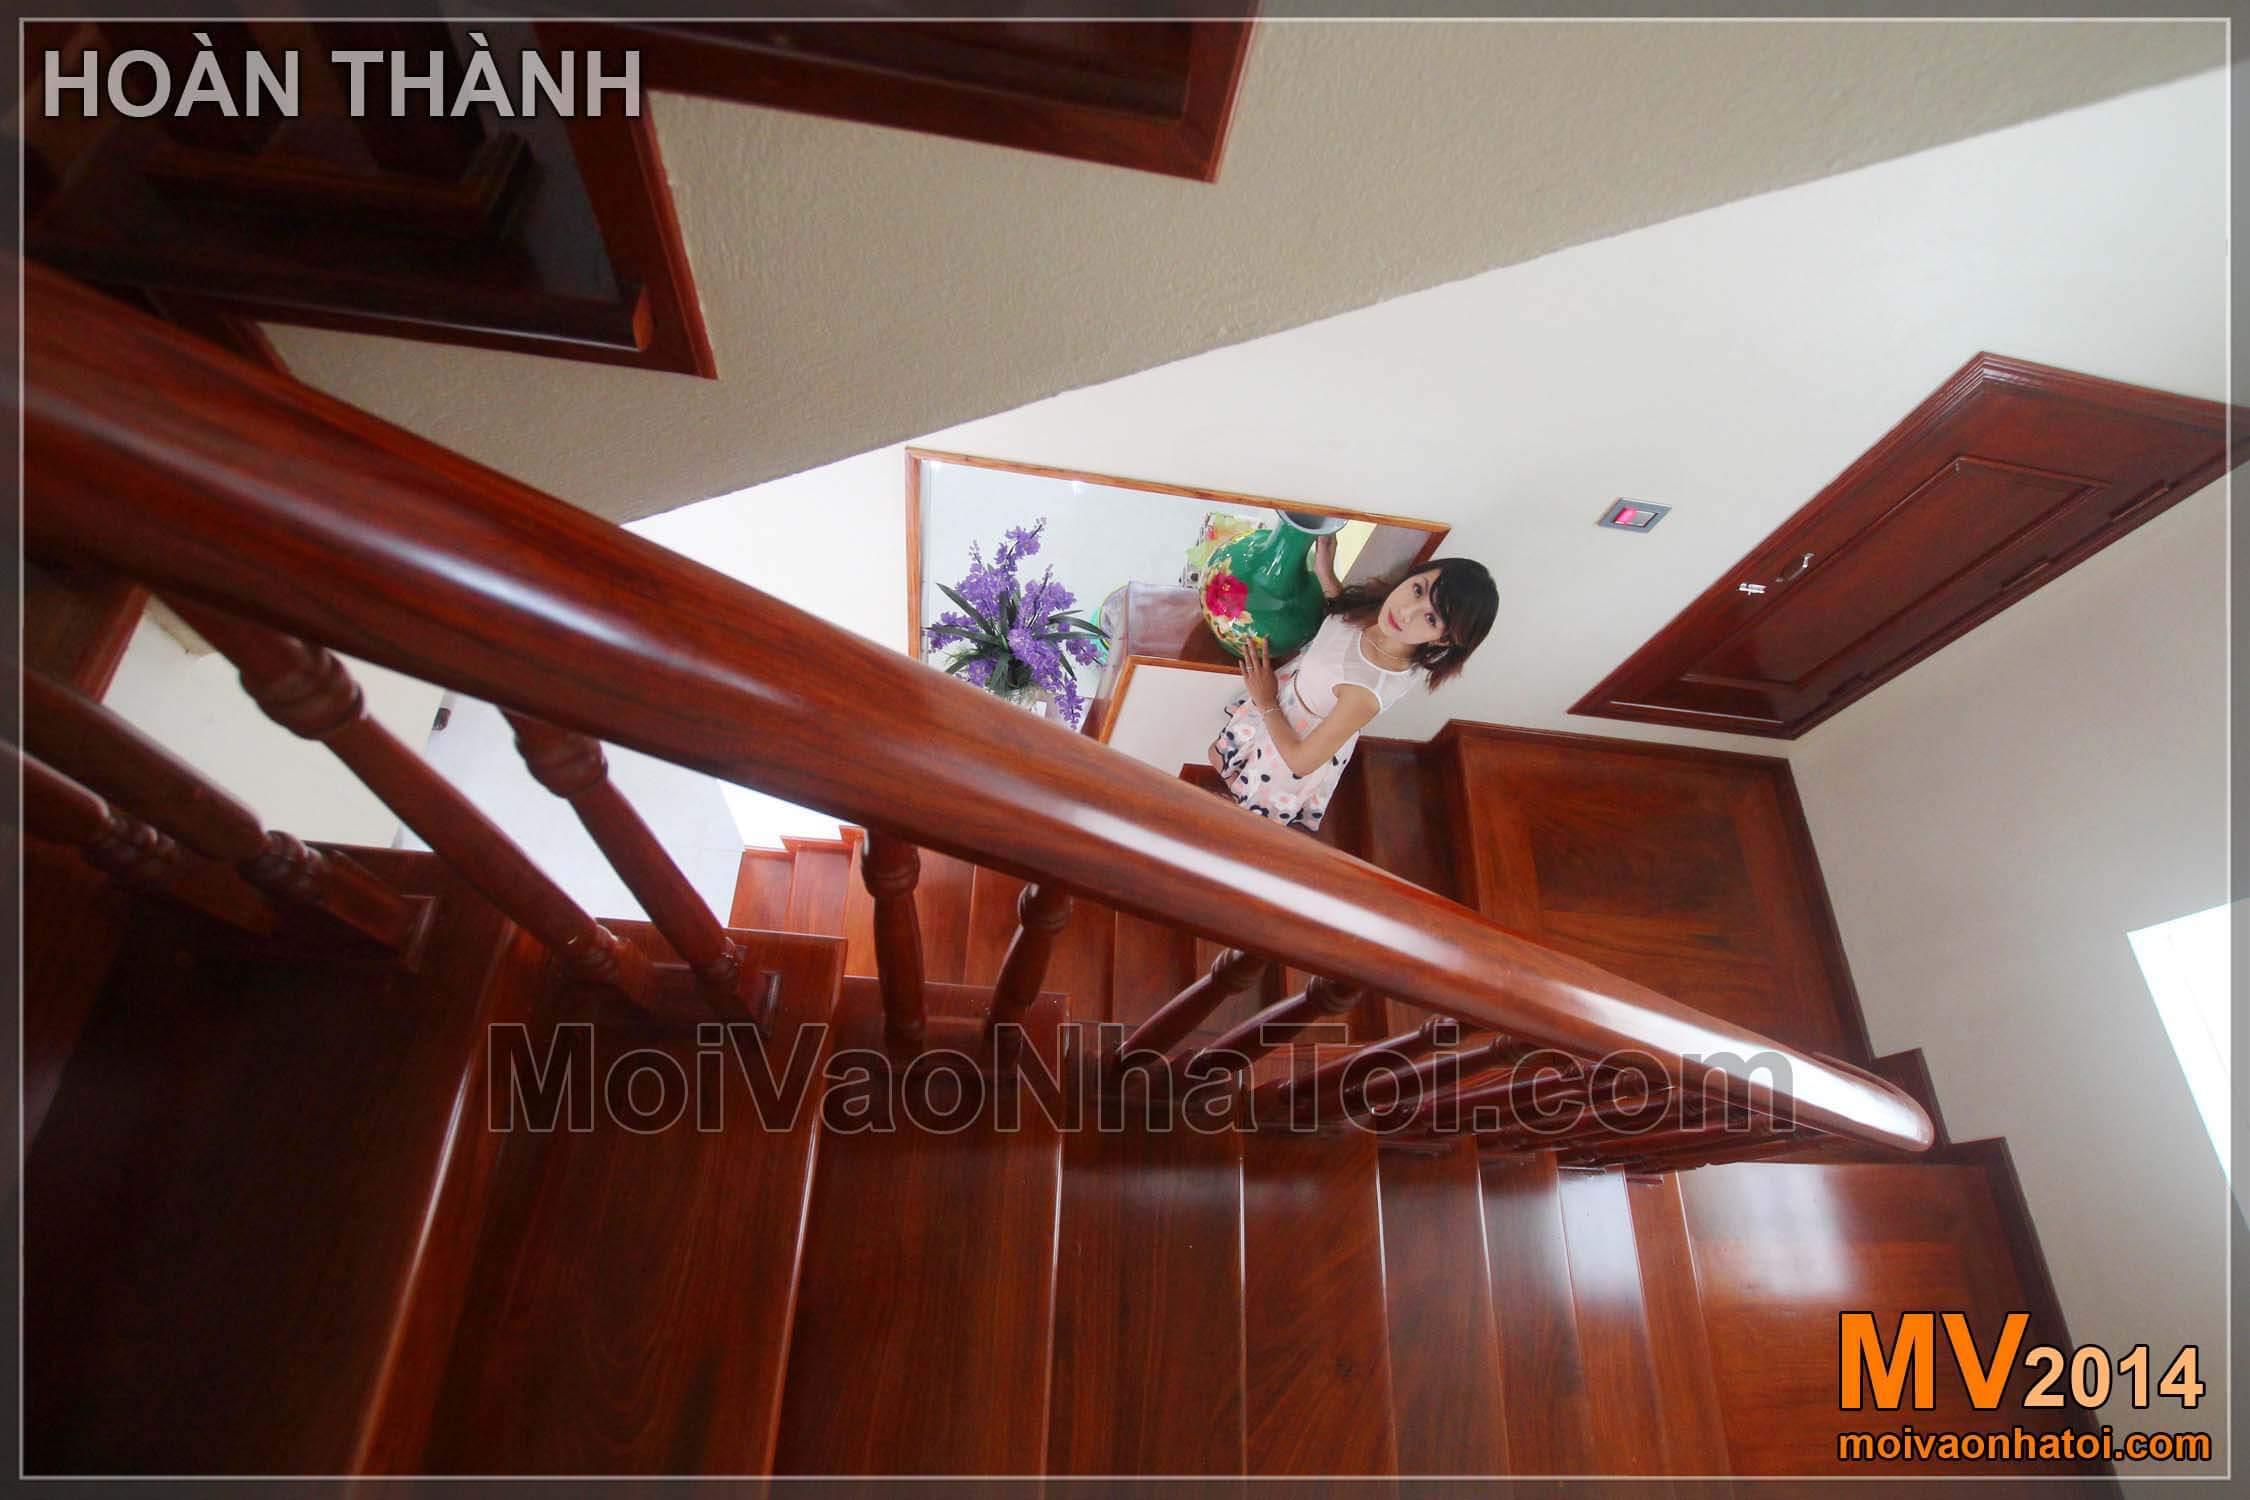 Bước lên cầu thang mặt gỗ tay vịn gỗ biệt thự Việt Hưng